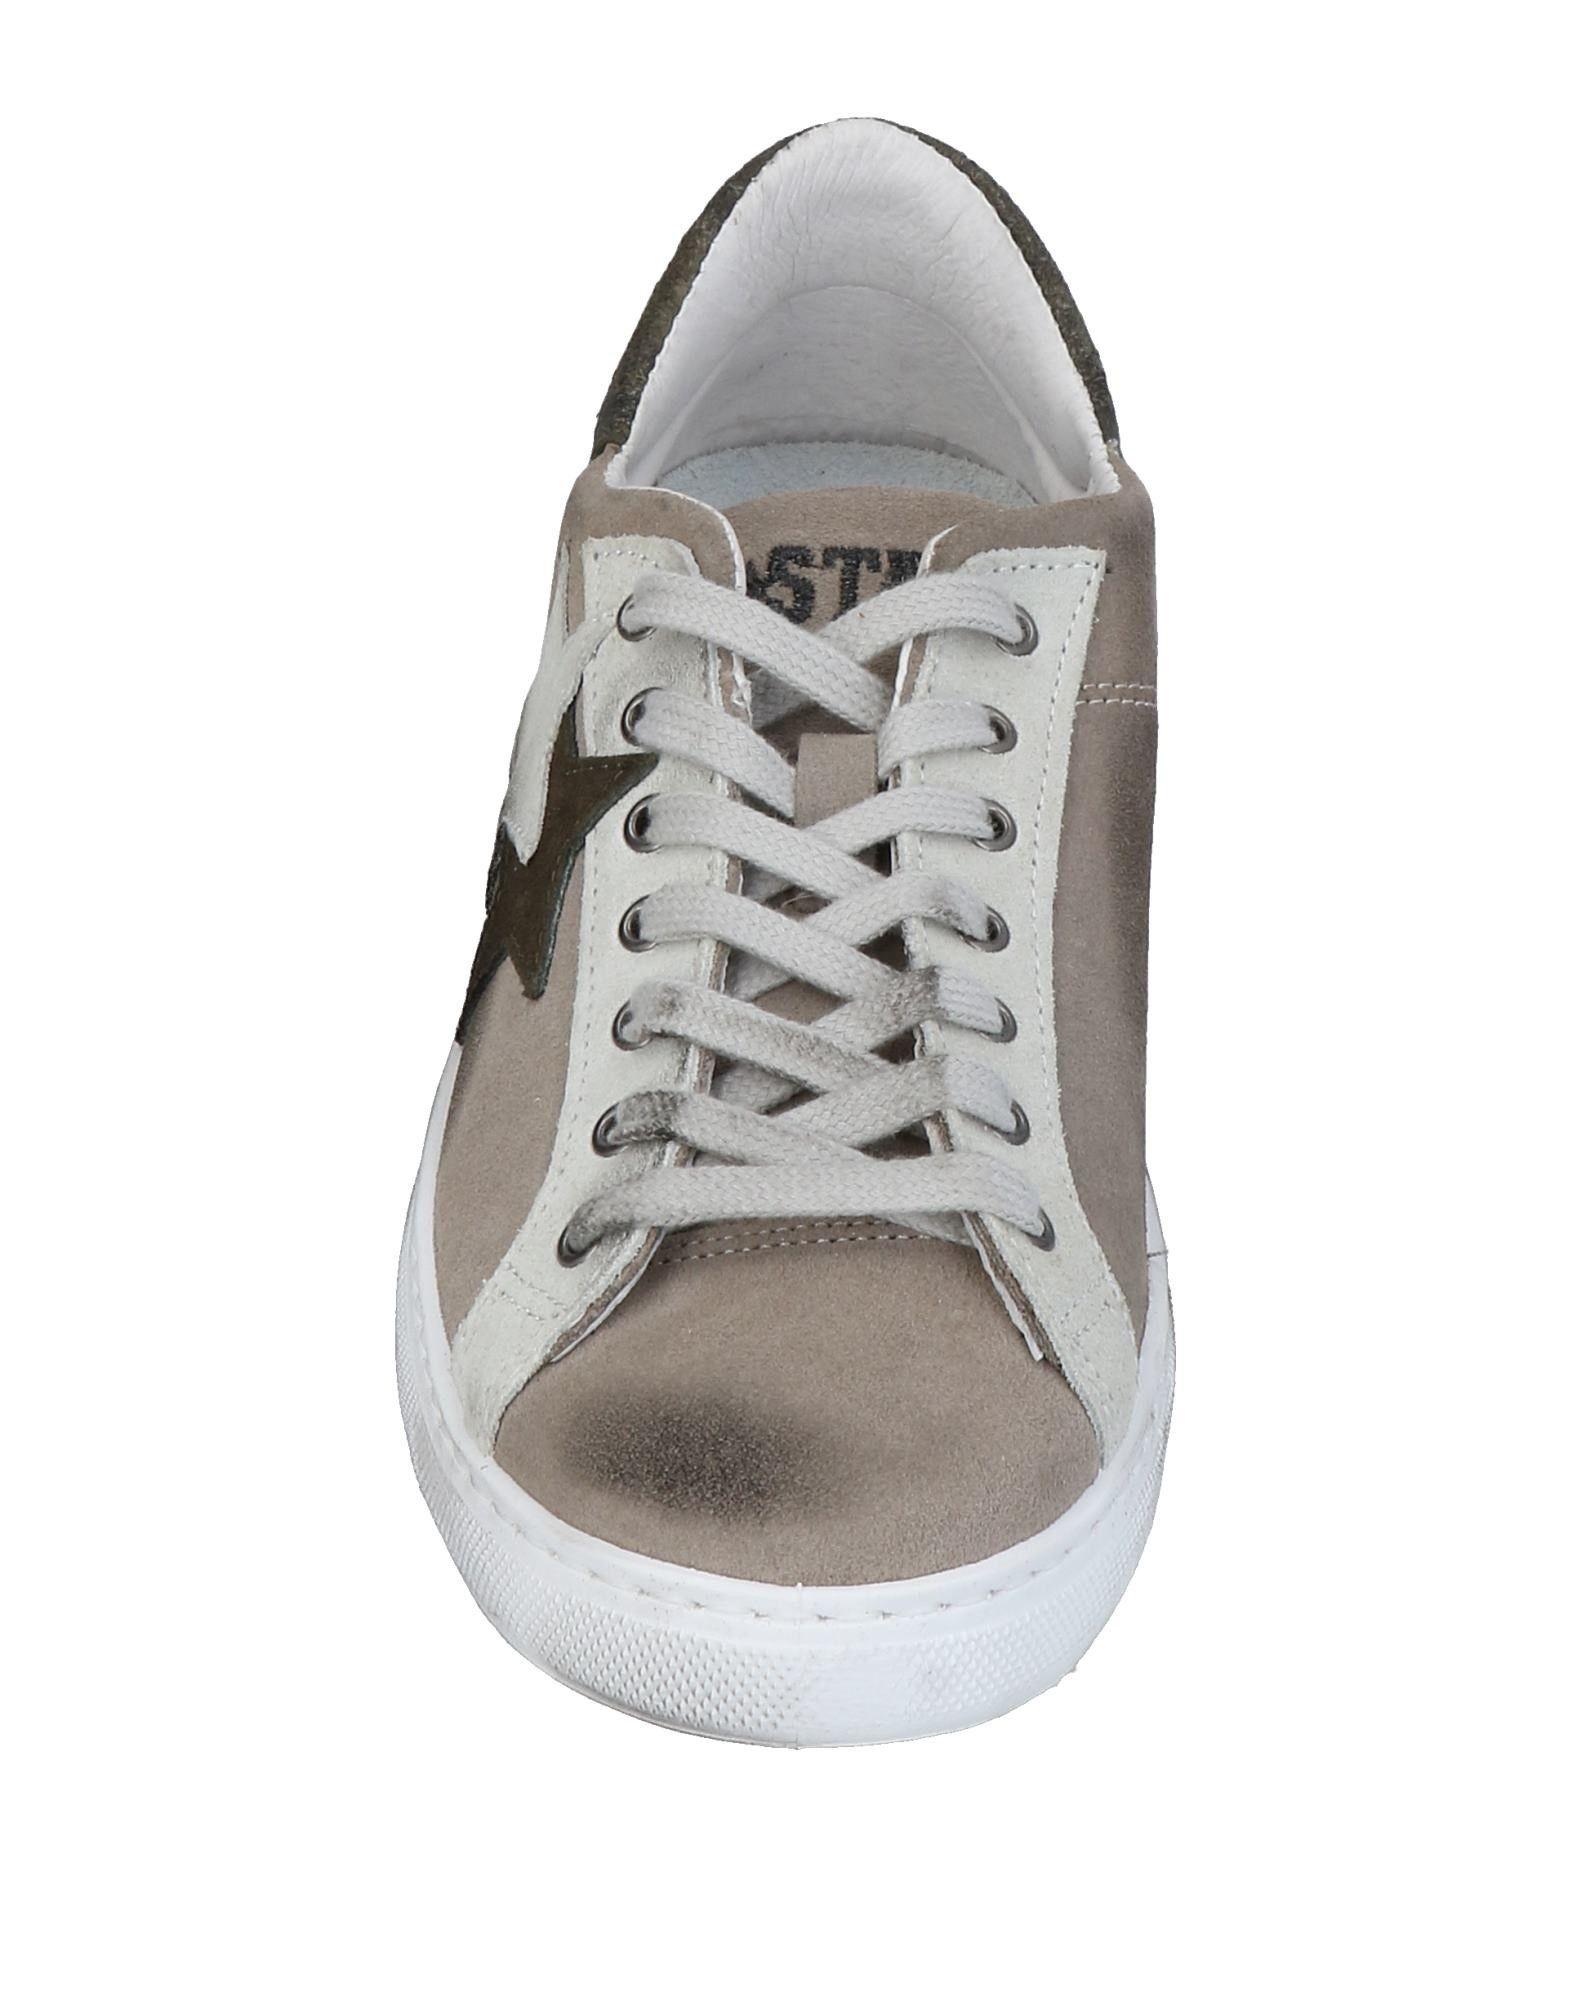 Moda Sneakers 2Star Uomo - 11453473NR